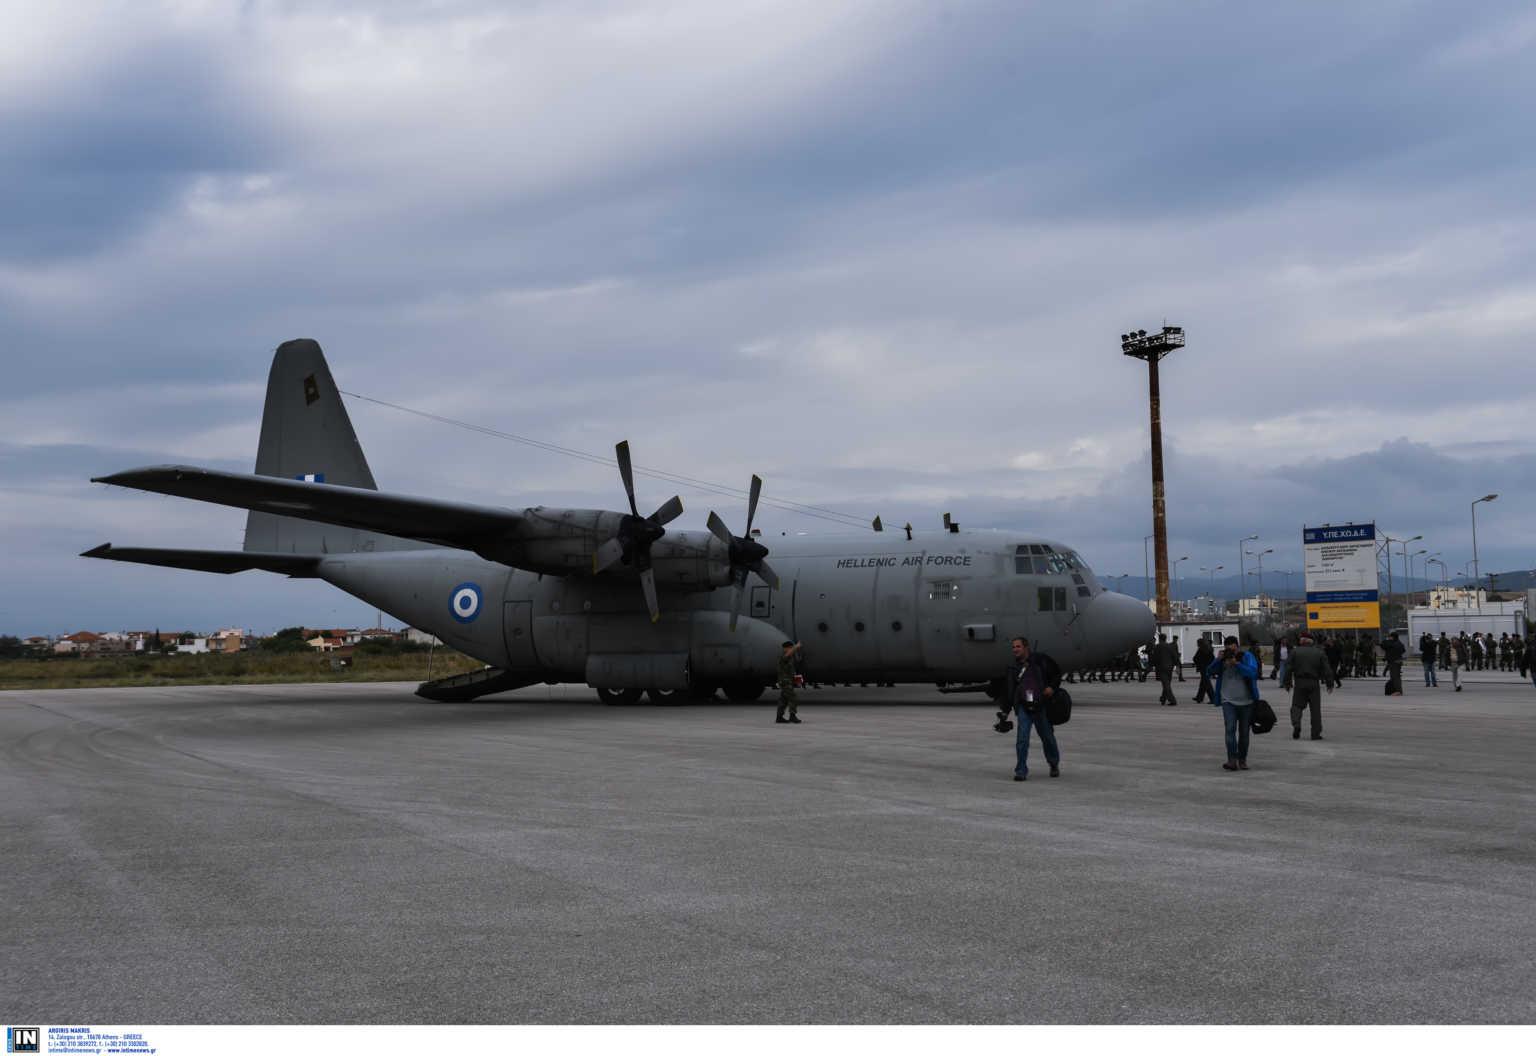 Με C-130 μεταφέρονται στην Αθήνα τρεις σοβαρά ασθενείς με κορωνοϊό από την Δράμα!